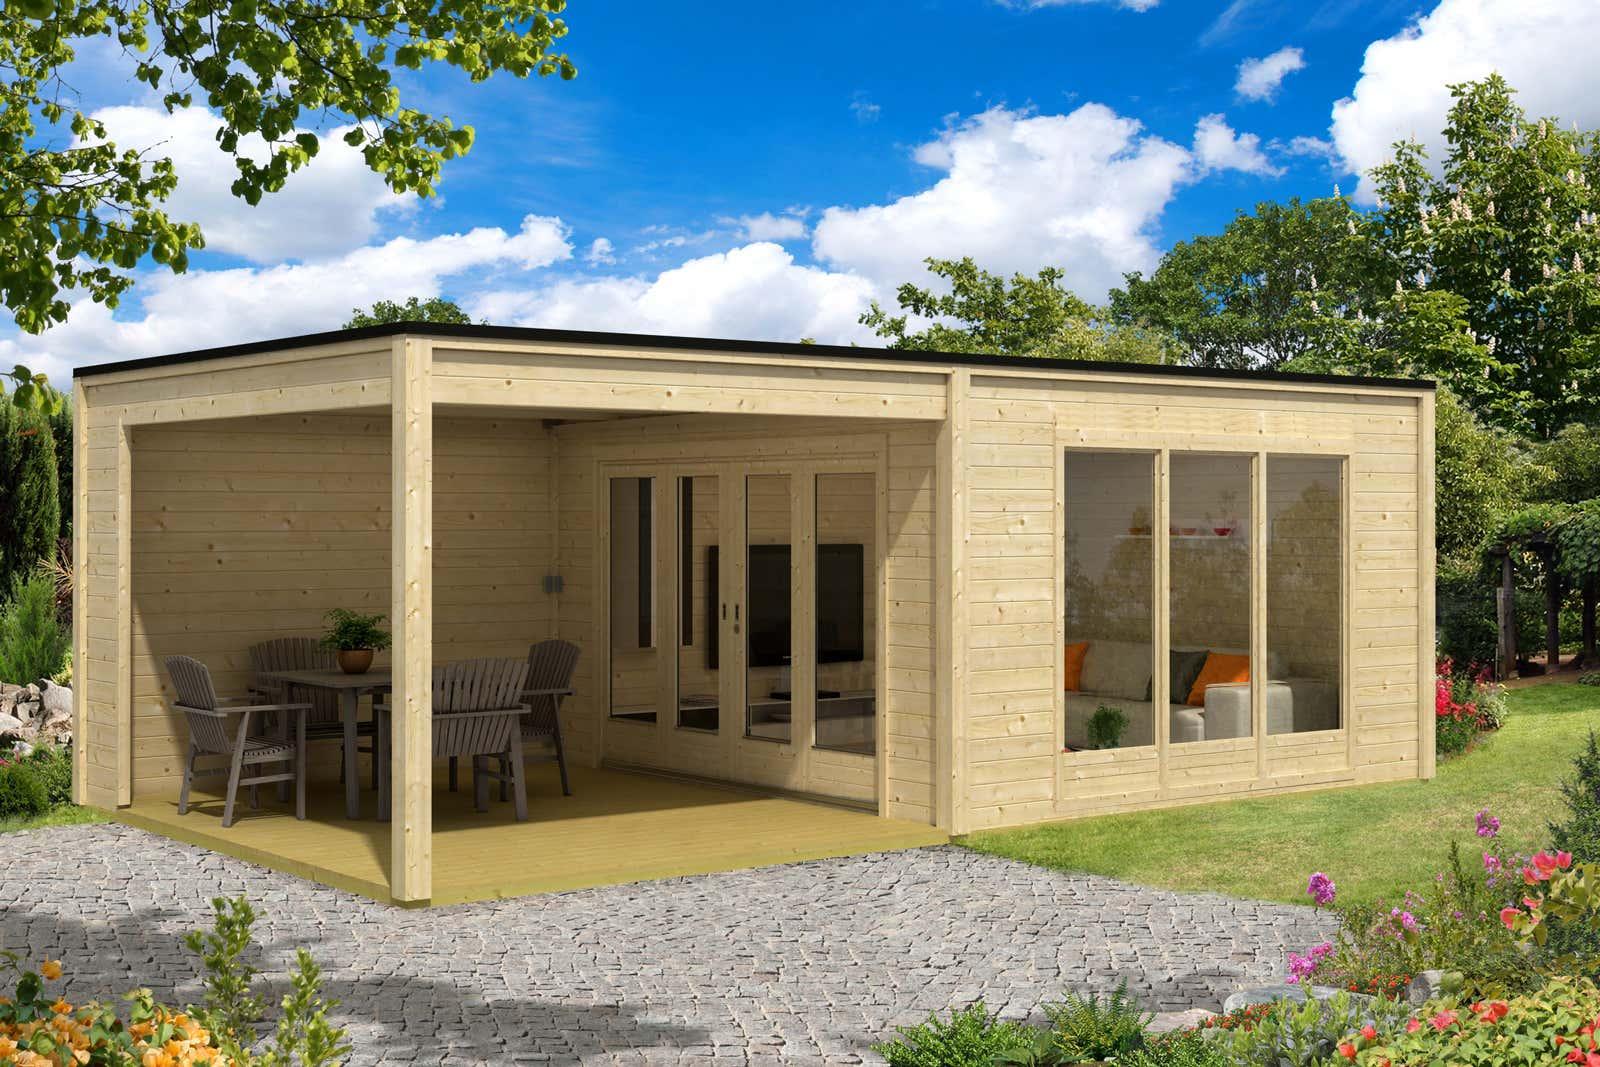 moderne gartenh user kaufen ber 100 design gartenh user. Black Bedroom Furniture Sets. Home Design Ideas